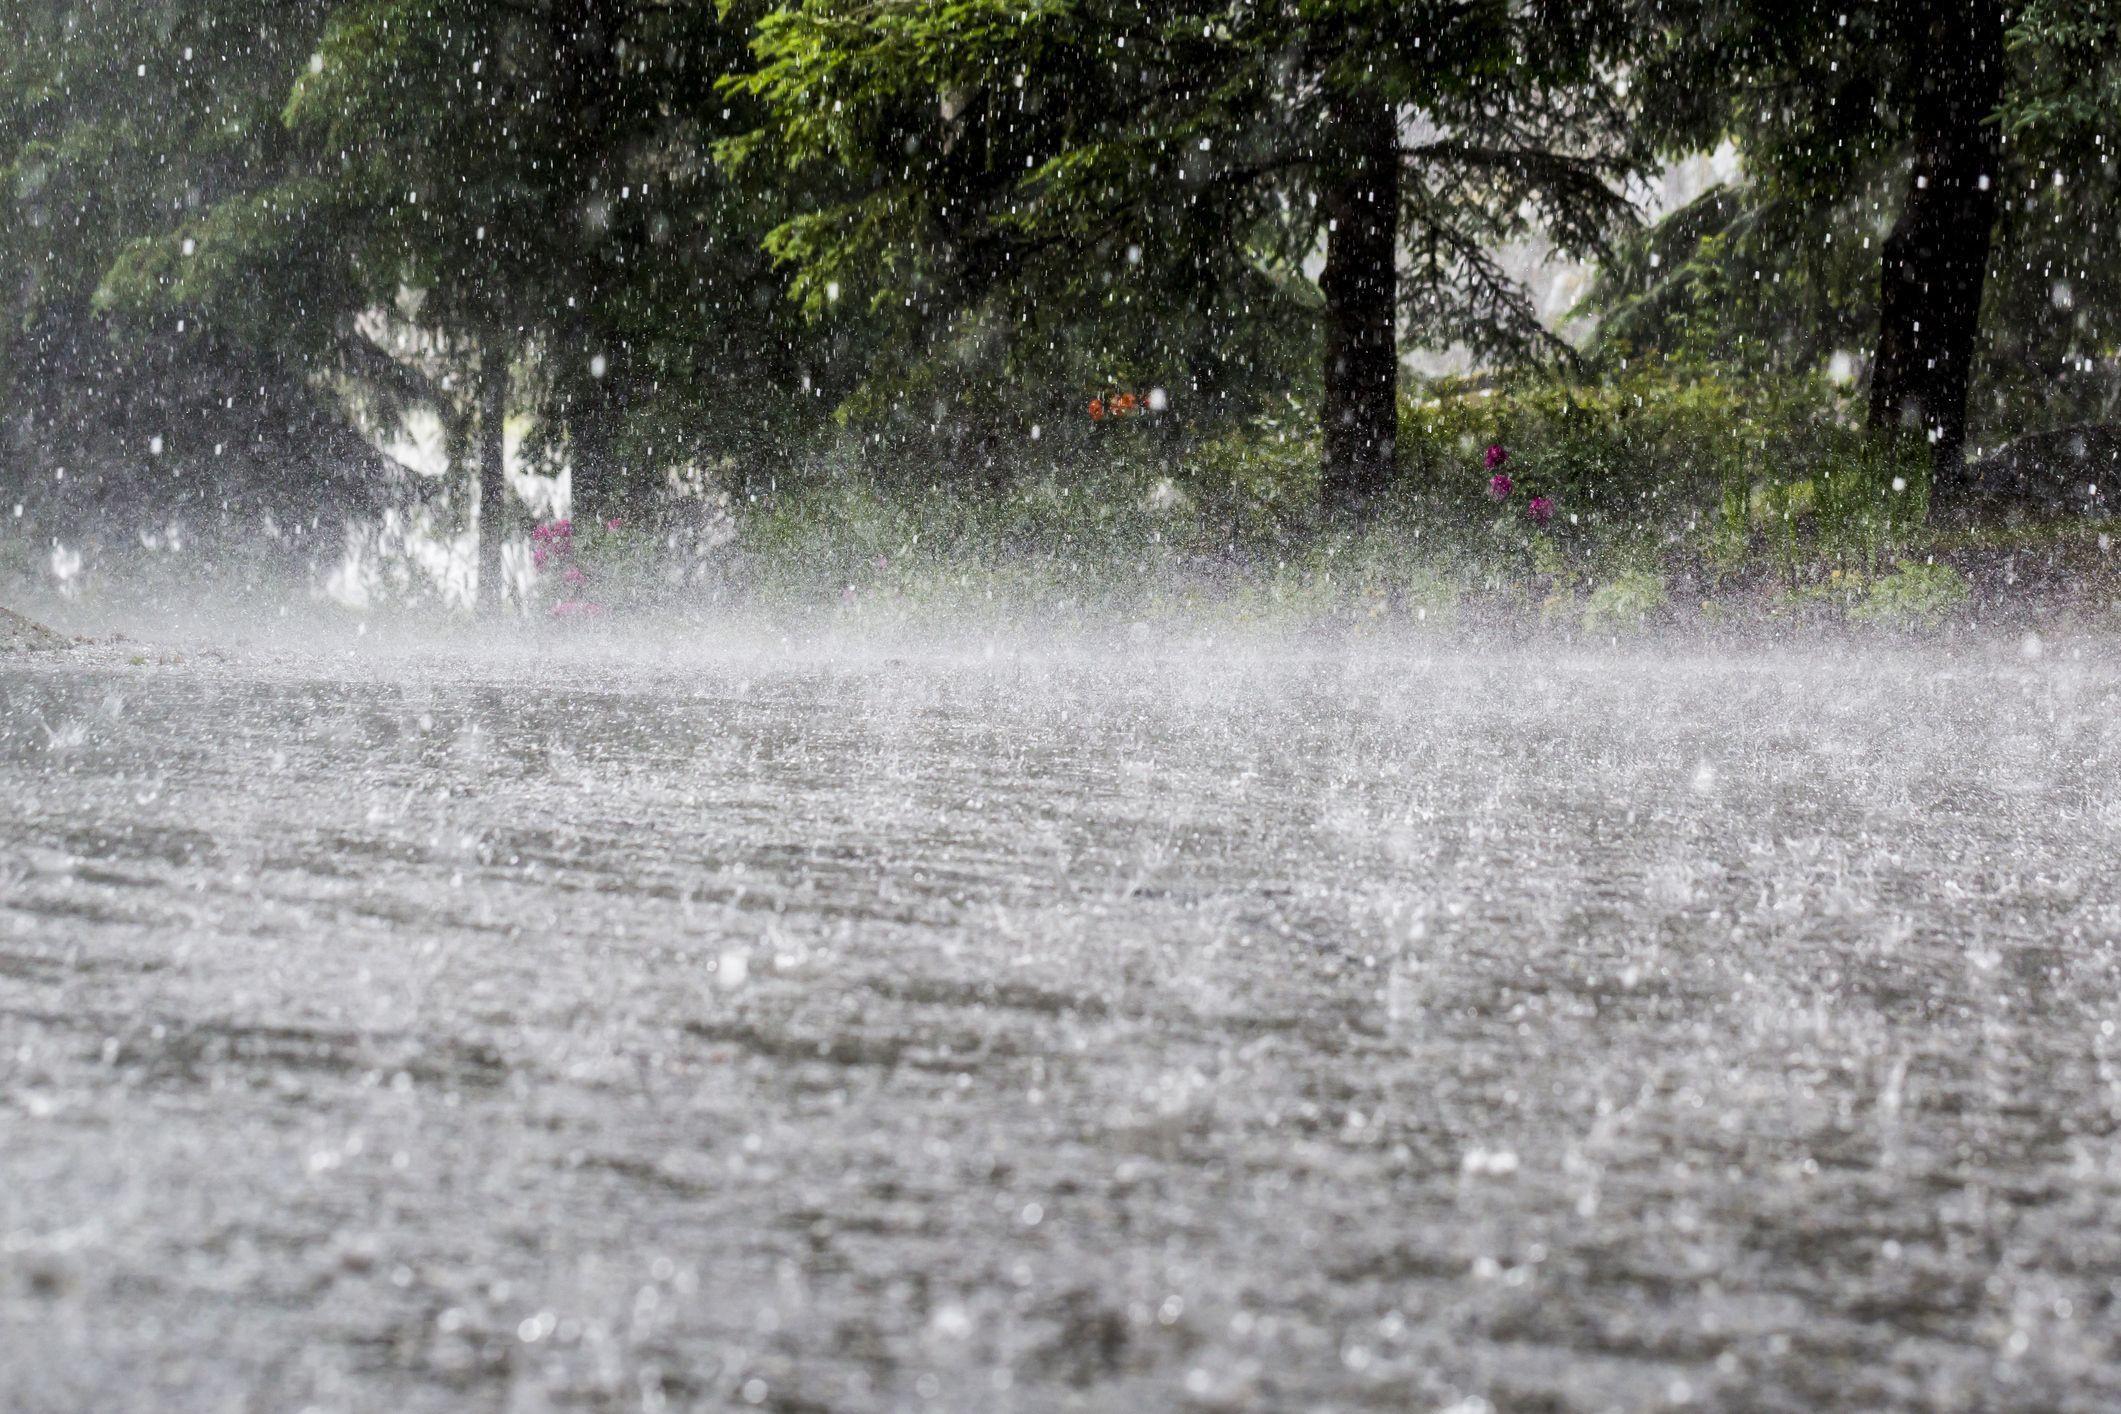 Fortes chuvas põem 18 províncias espanholas em alerta